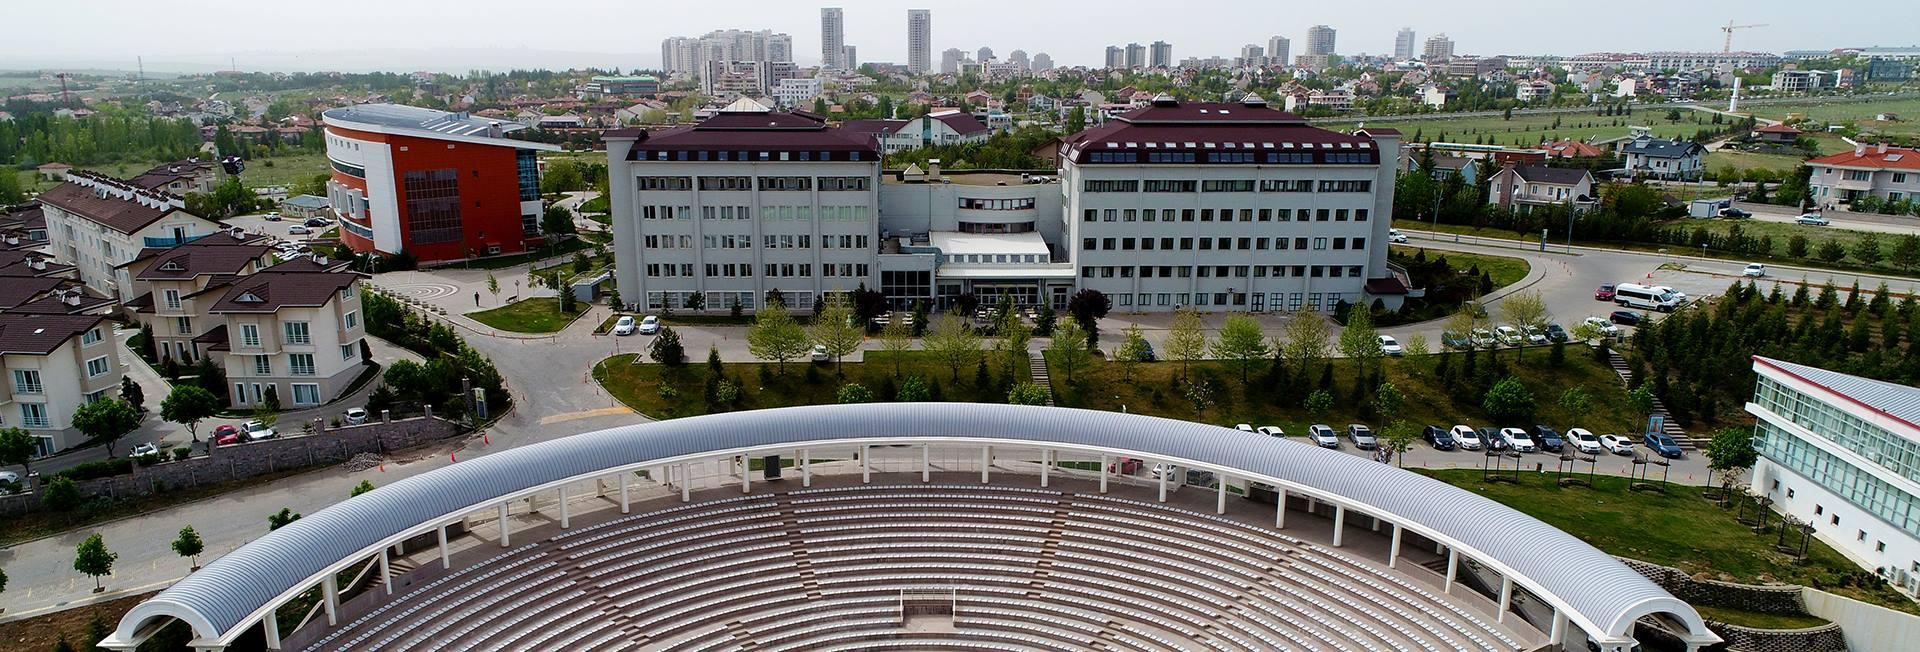 Atilim University Campus